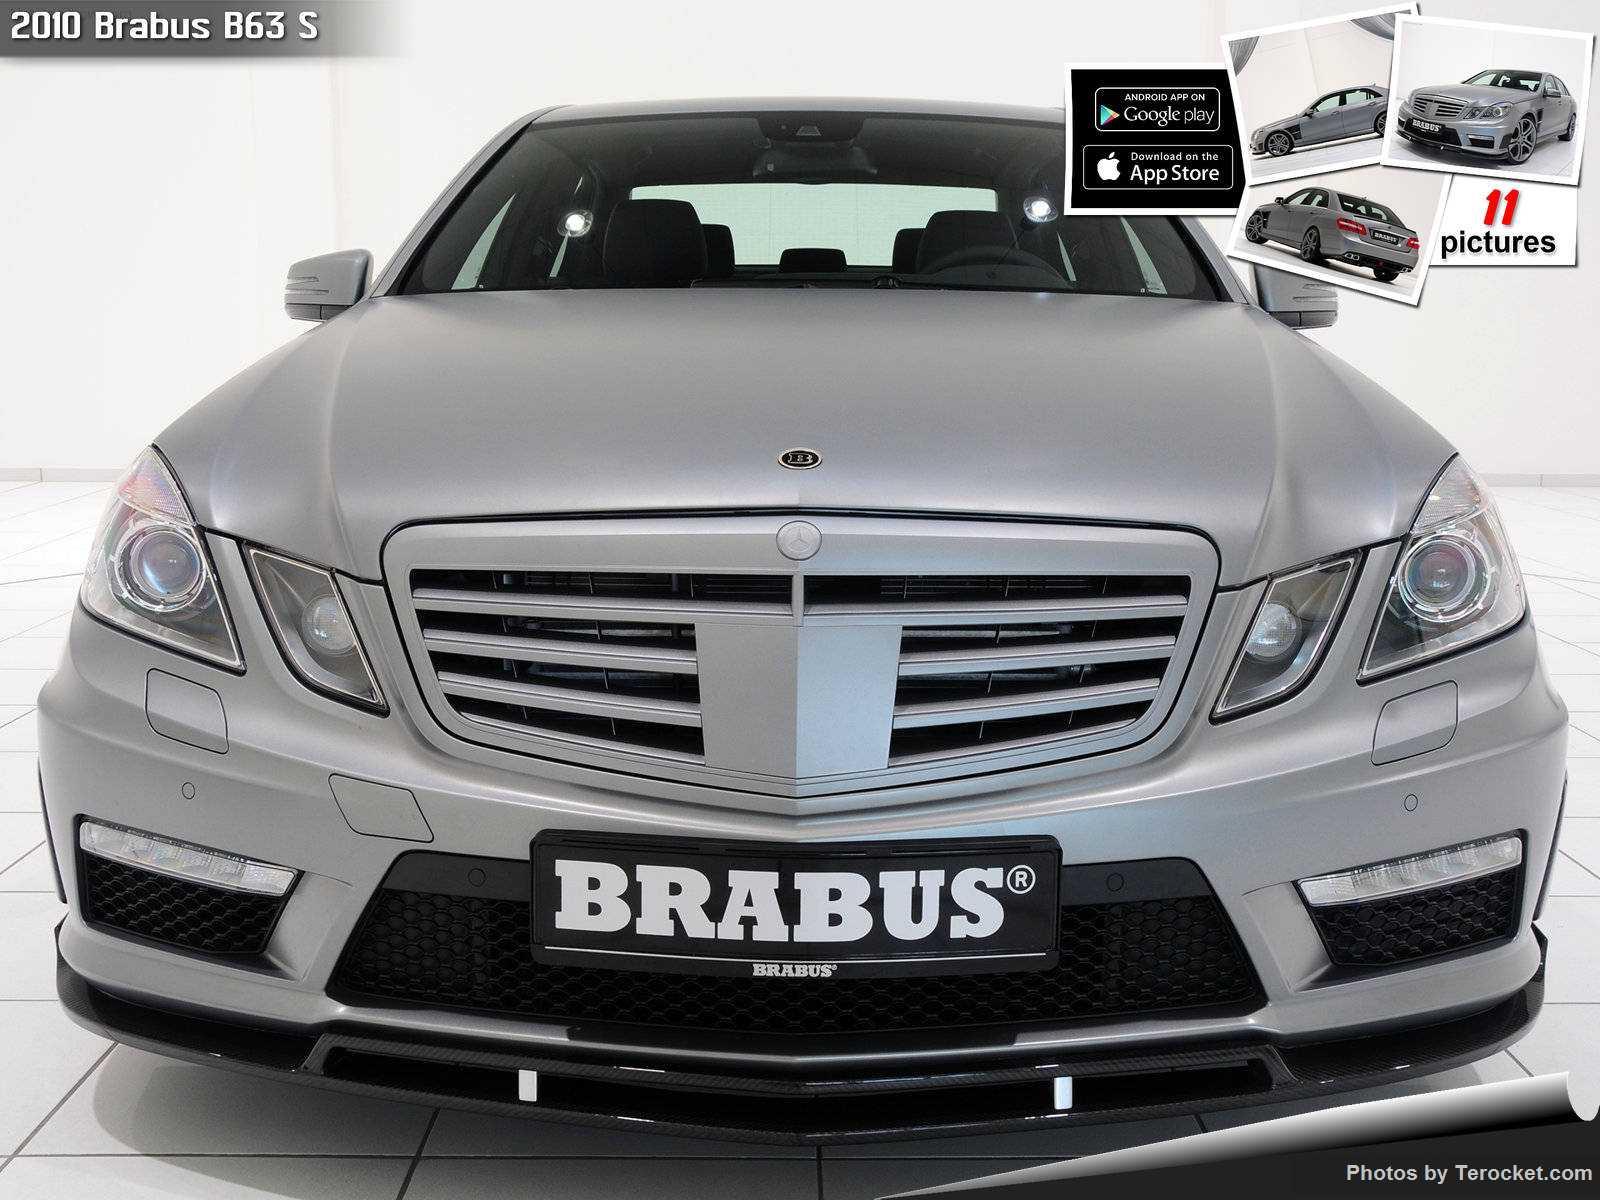 Hình ảnh xe ô tô Brabus B63 S 2010 & nội ngoại thất